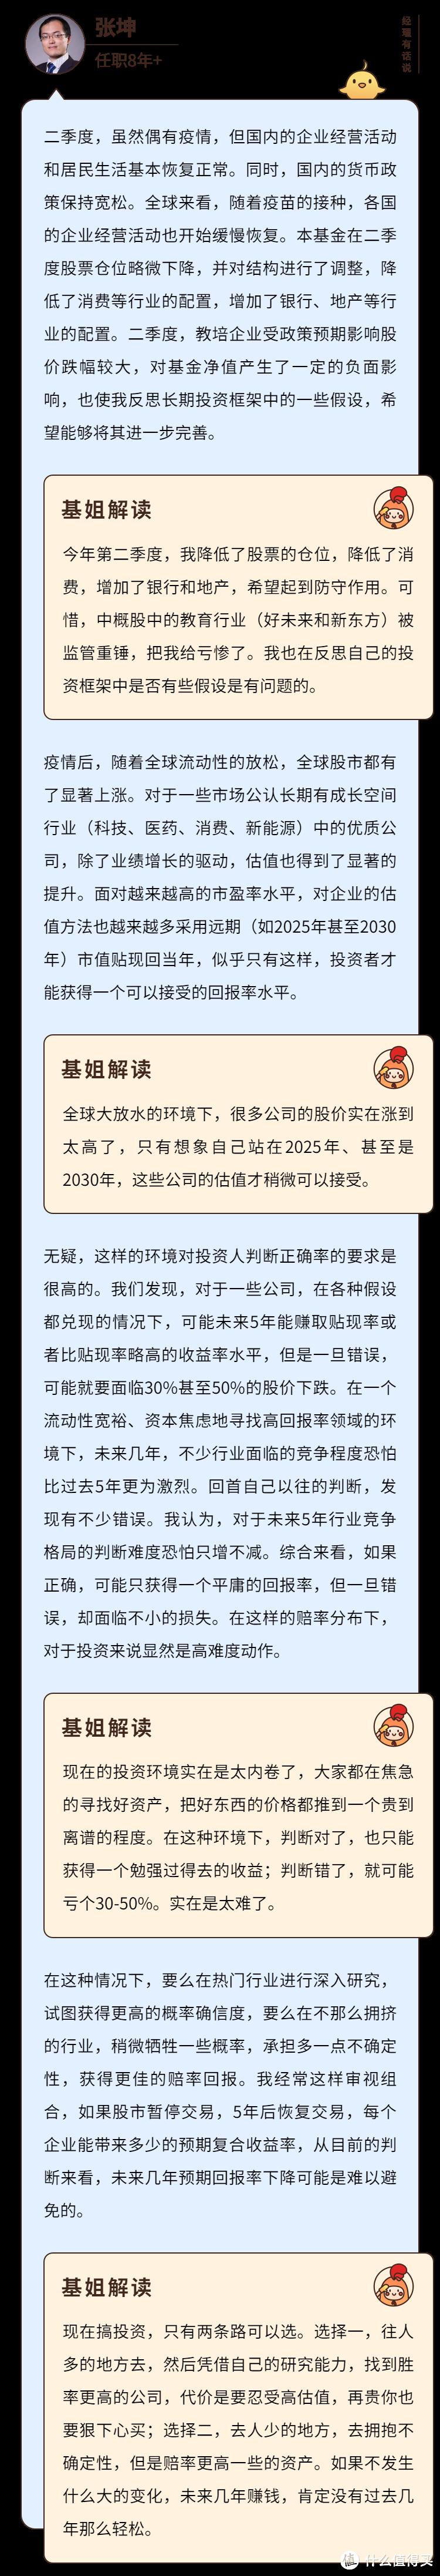 1.【季报更新】易方达亚洲精选张坤:我调仓动作很大,中概教育房地产,你们忍一下!